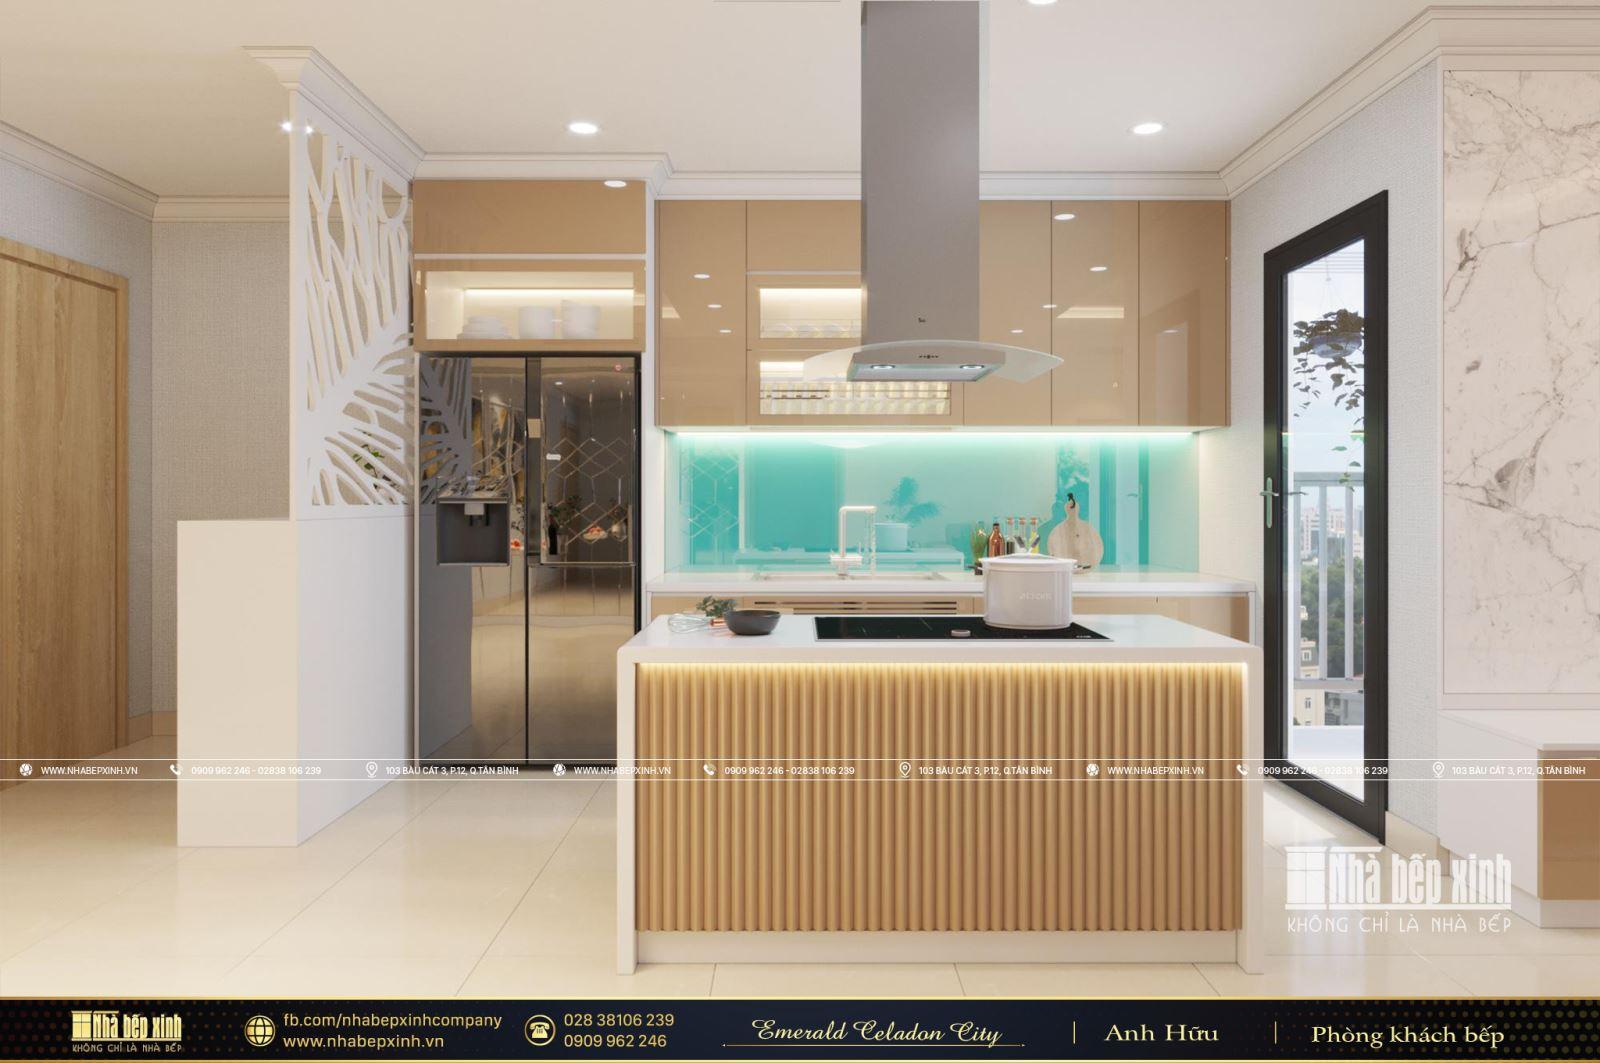 Vẻ đẹp cuốn hút từ mẫu thiết kế nội thất hiện đại căn Emerald Celadon City 104m2